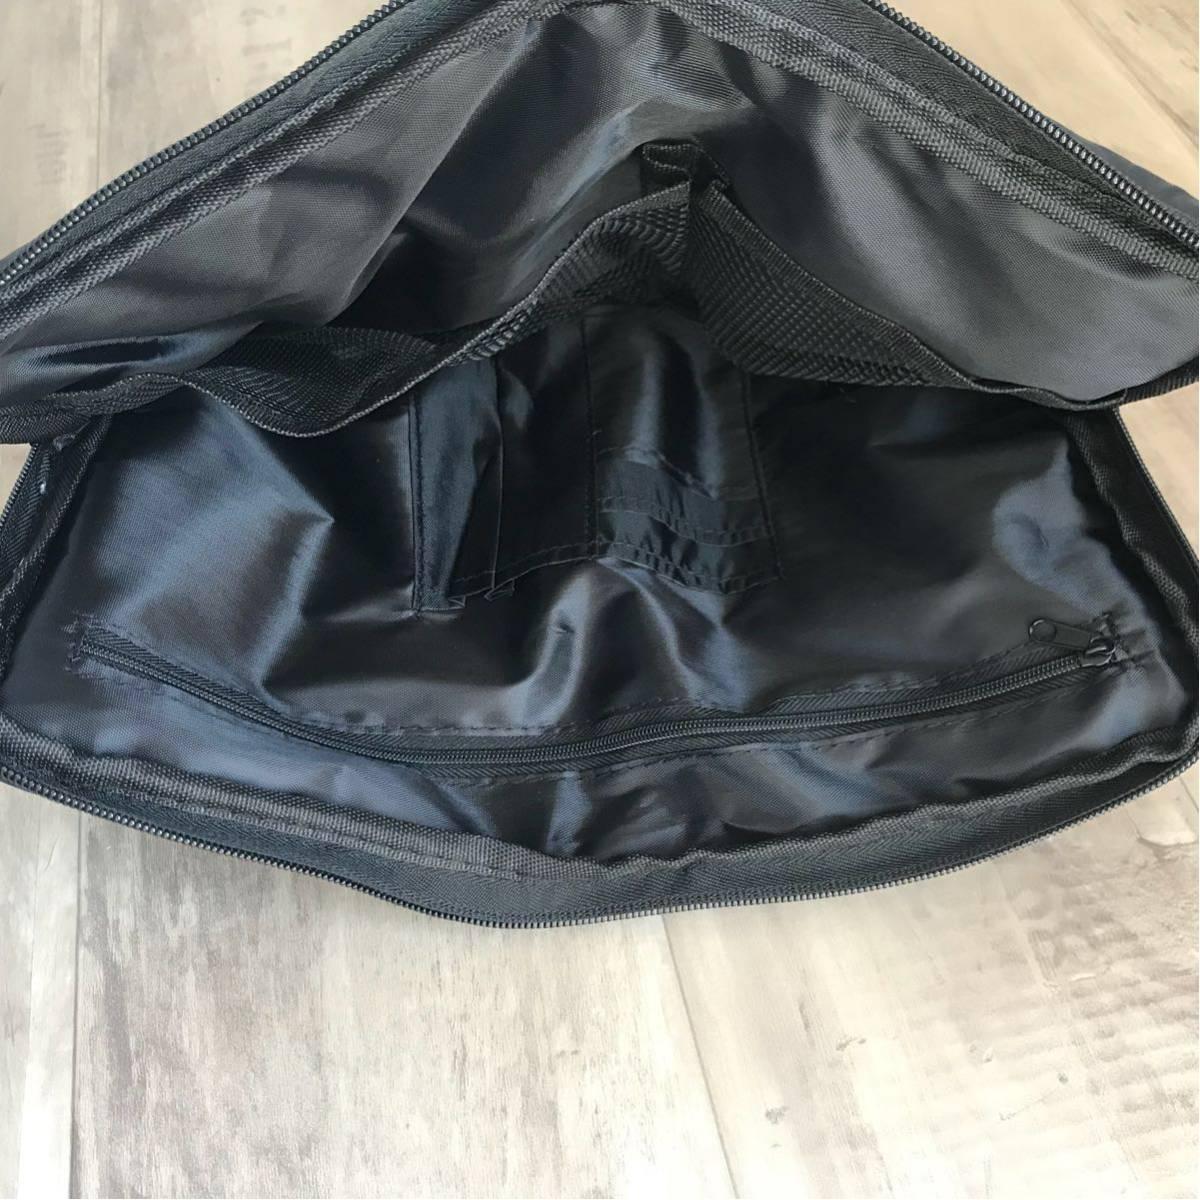 ape クラッチバッグ bape ポーチ ハンドバッグ エイプ ベイプ アベイシングエイプ バッグ bag ケース ムック 限定 非売品 クッション nigo